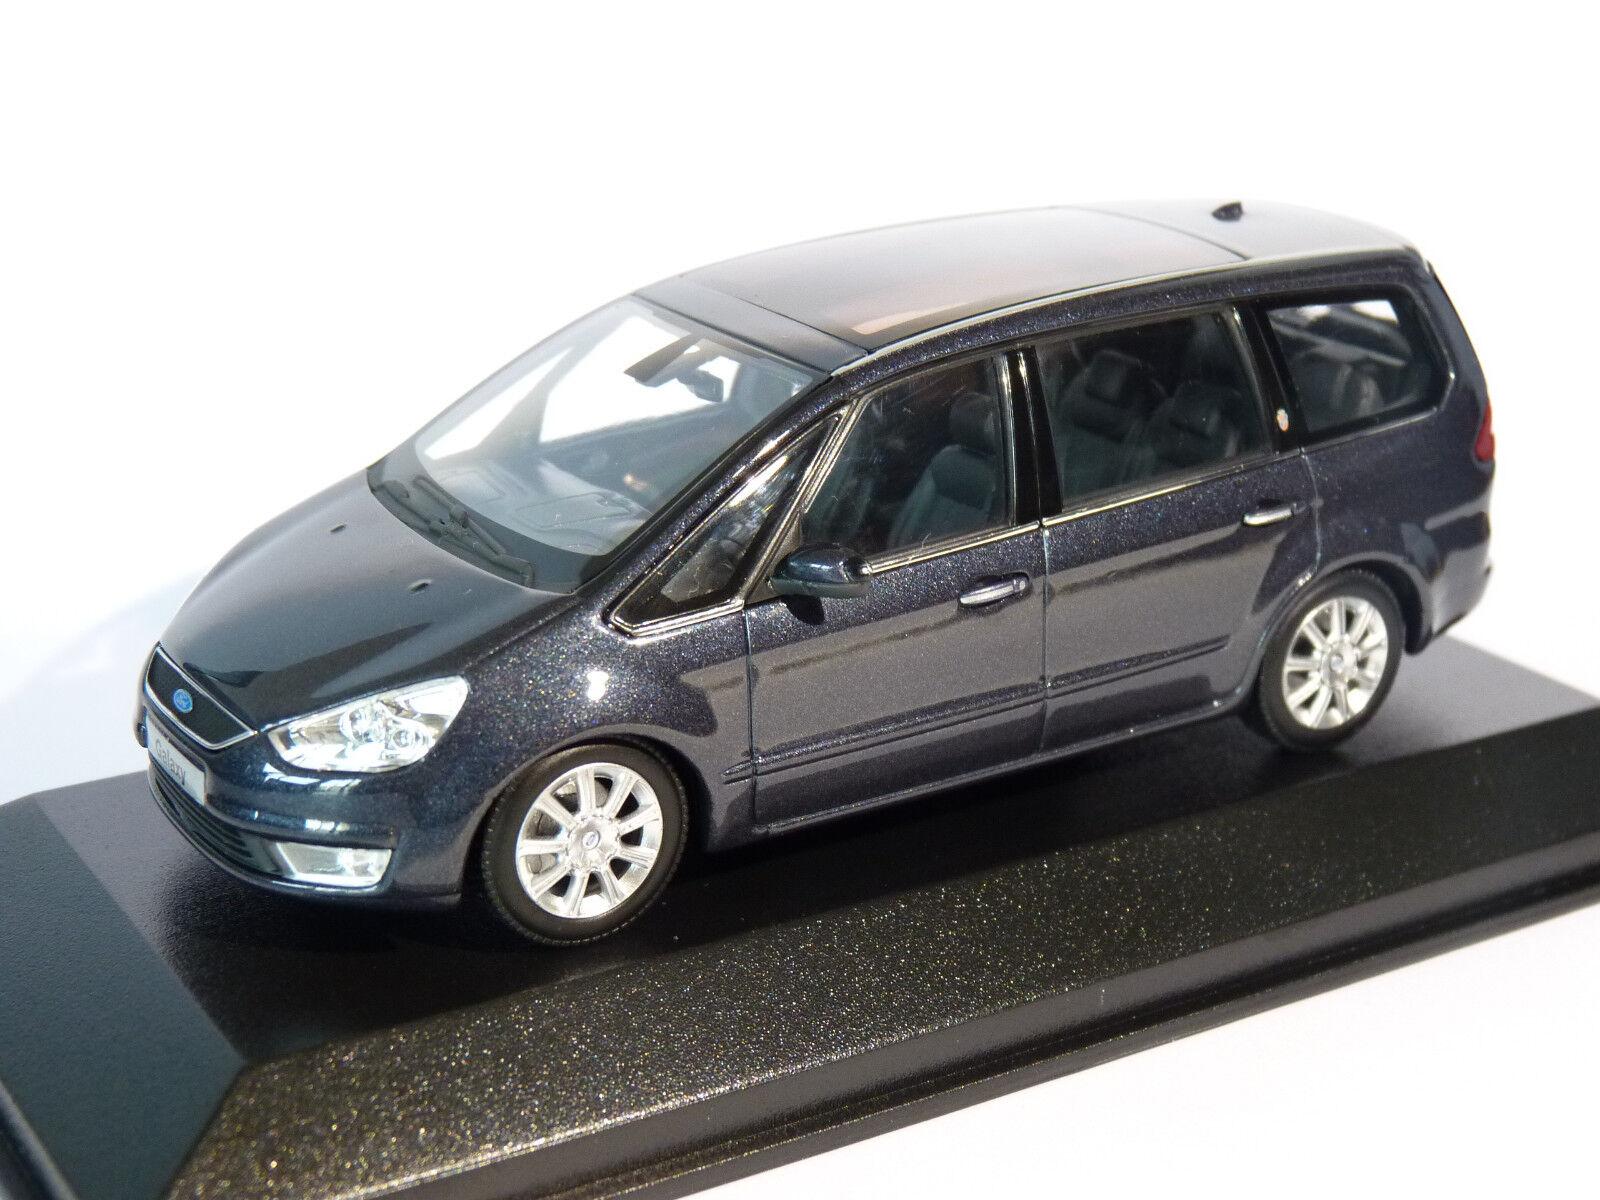 Ford Galaxy de 2006 au 1 43 de Minichamps